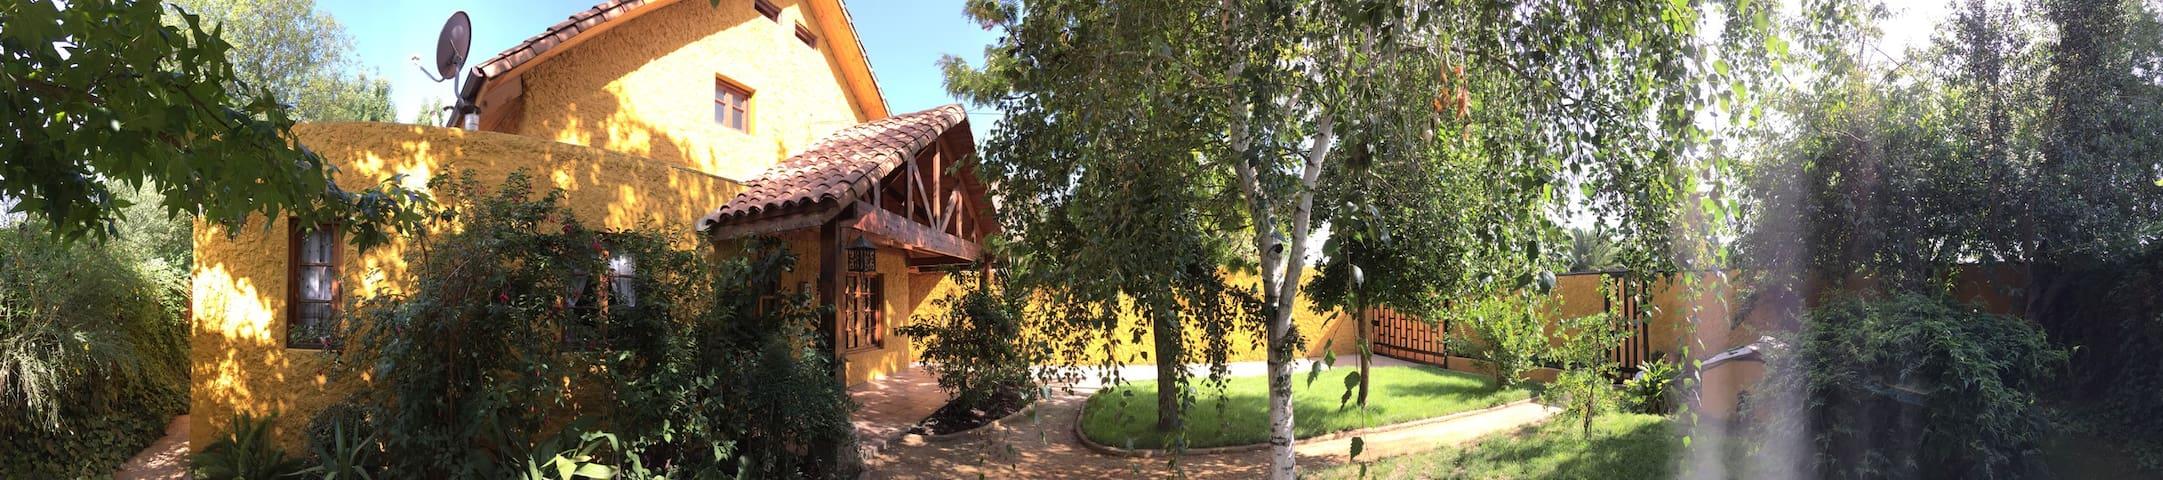 CASAS SANTACRUZ A PLACE OF DREAMS - Santa Cruz - Haus